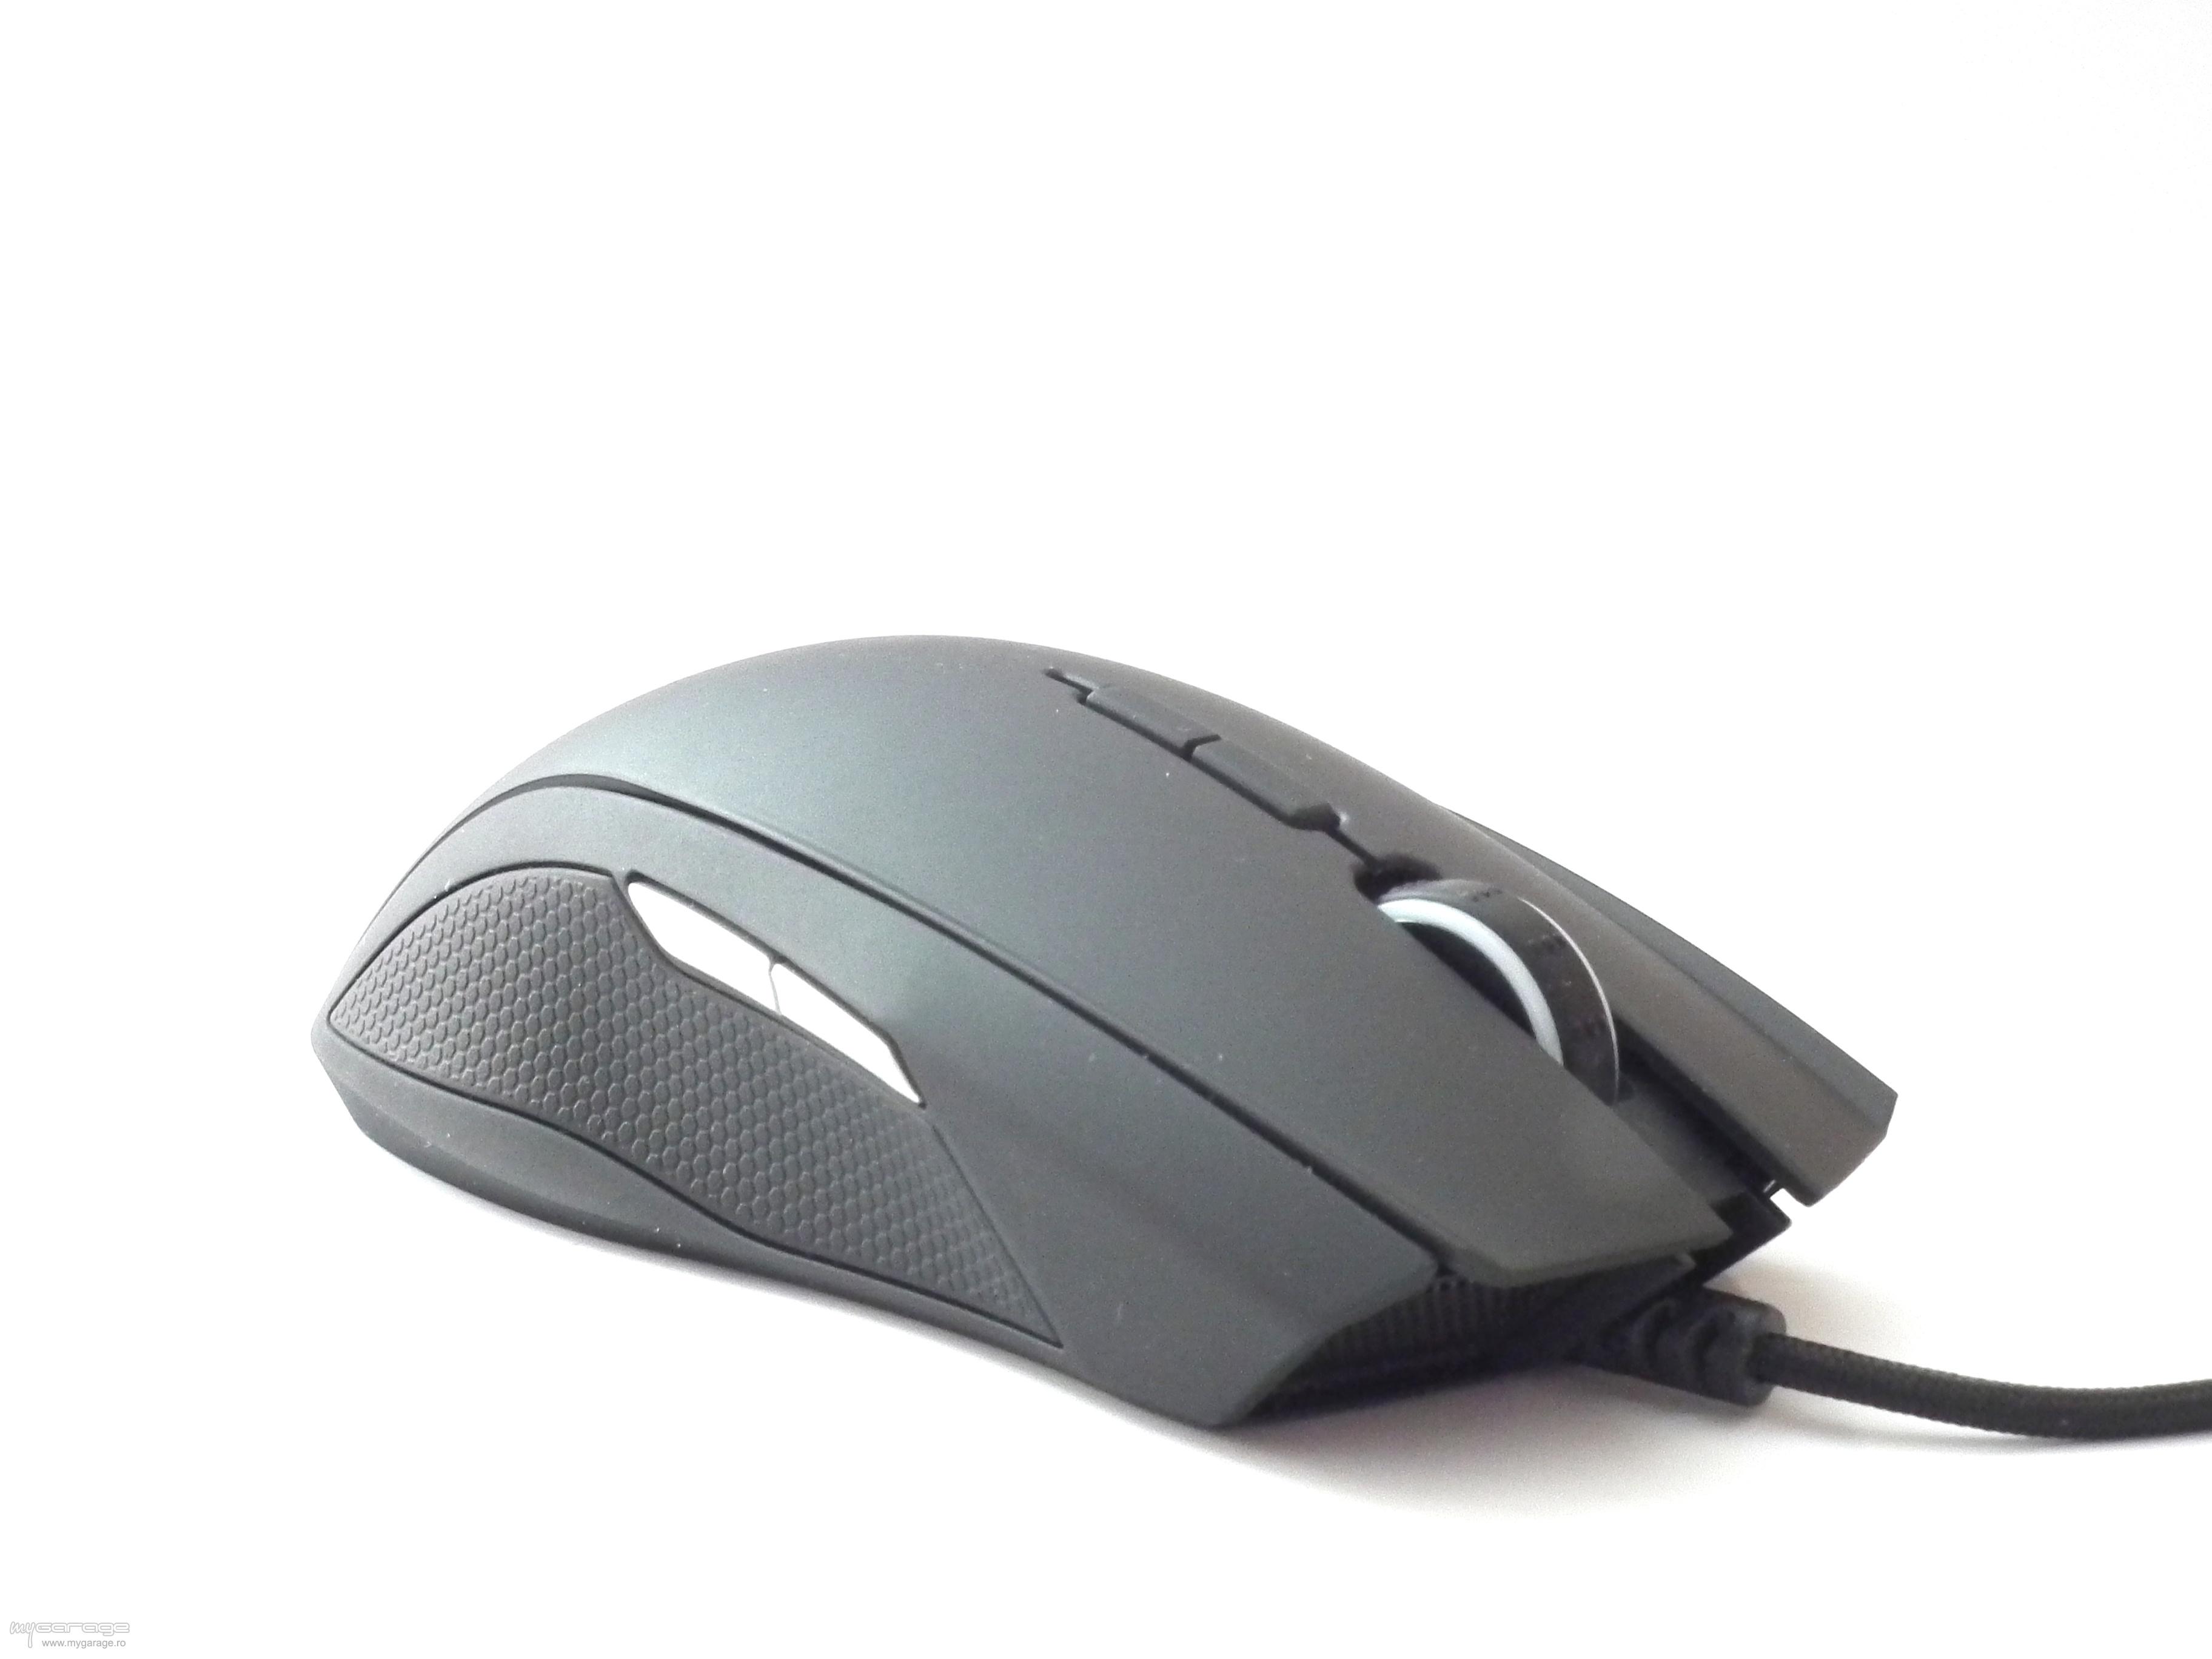 Mouse Gaming Razer Taipan White Dscf1907